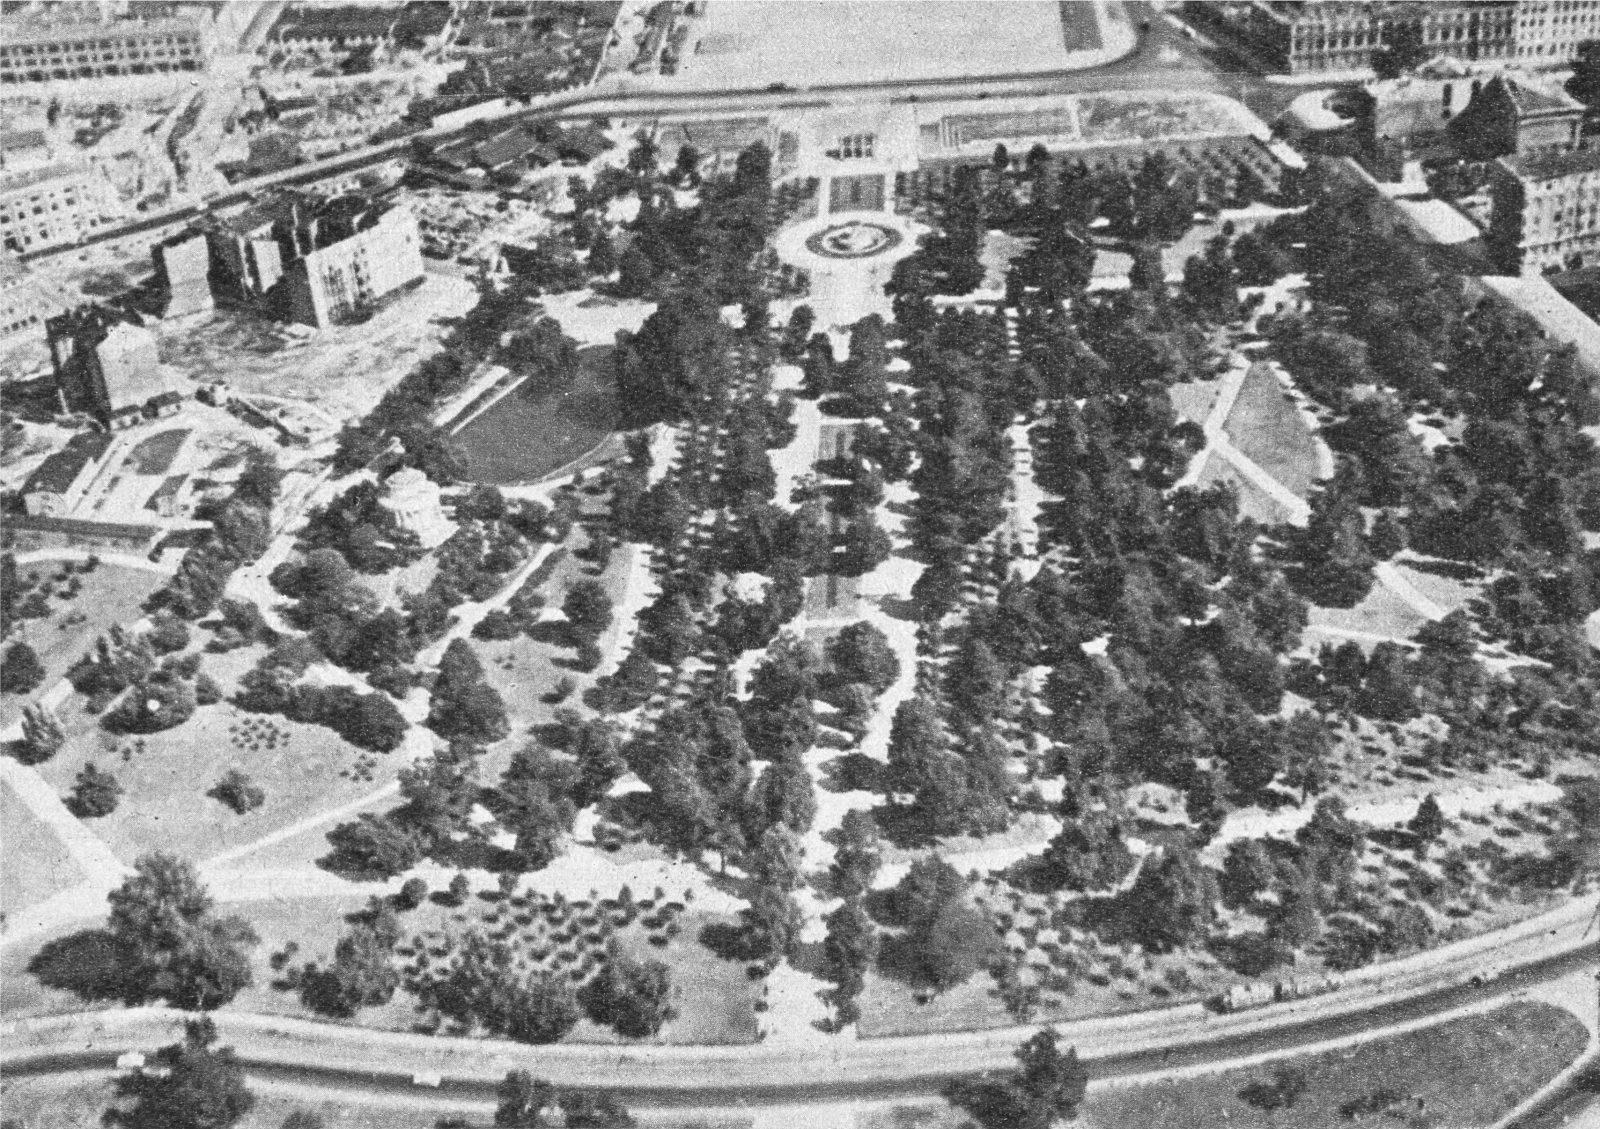 Saxon Park aerial view, photo Edmund Kupiecki. Stolica. Warszawski Tygodnik Ilustrowany 1956, no. 11 Museum of Warsaw Library, file no. T.5